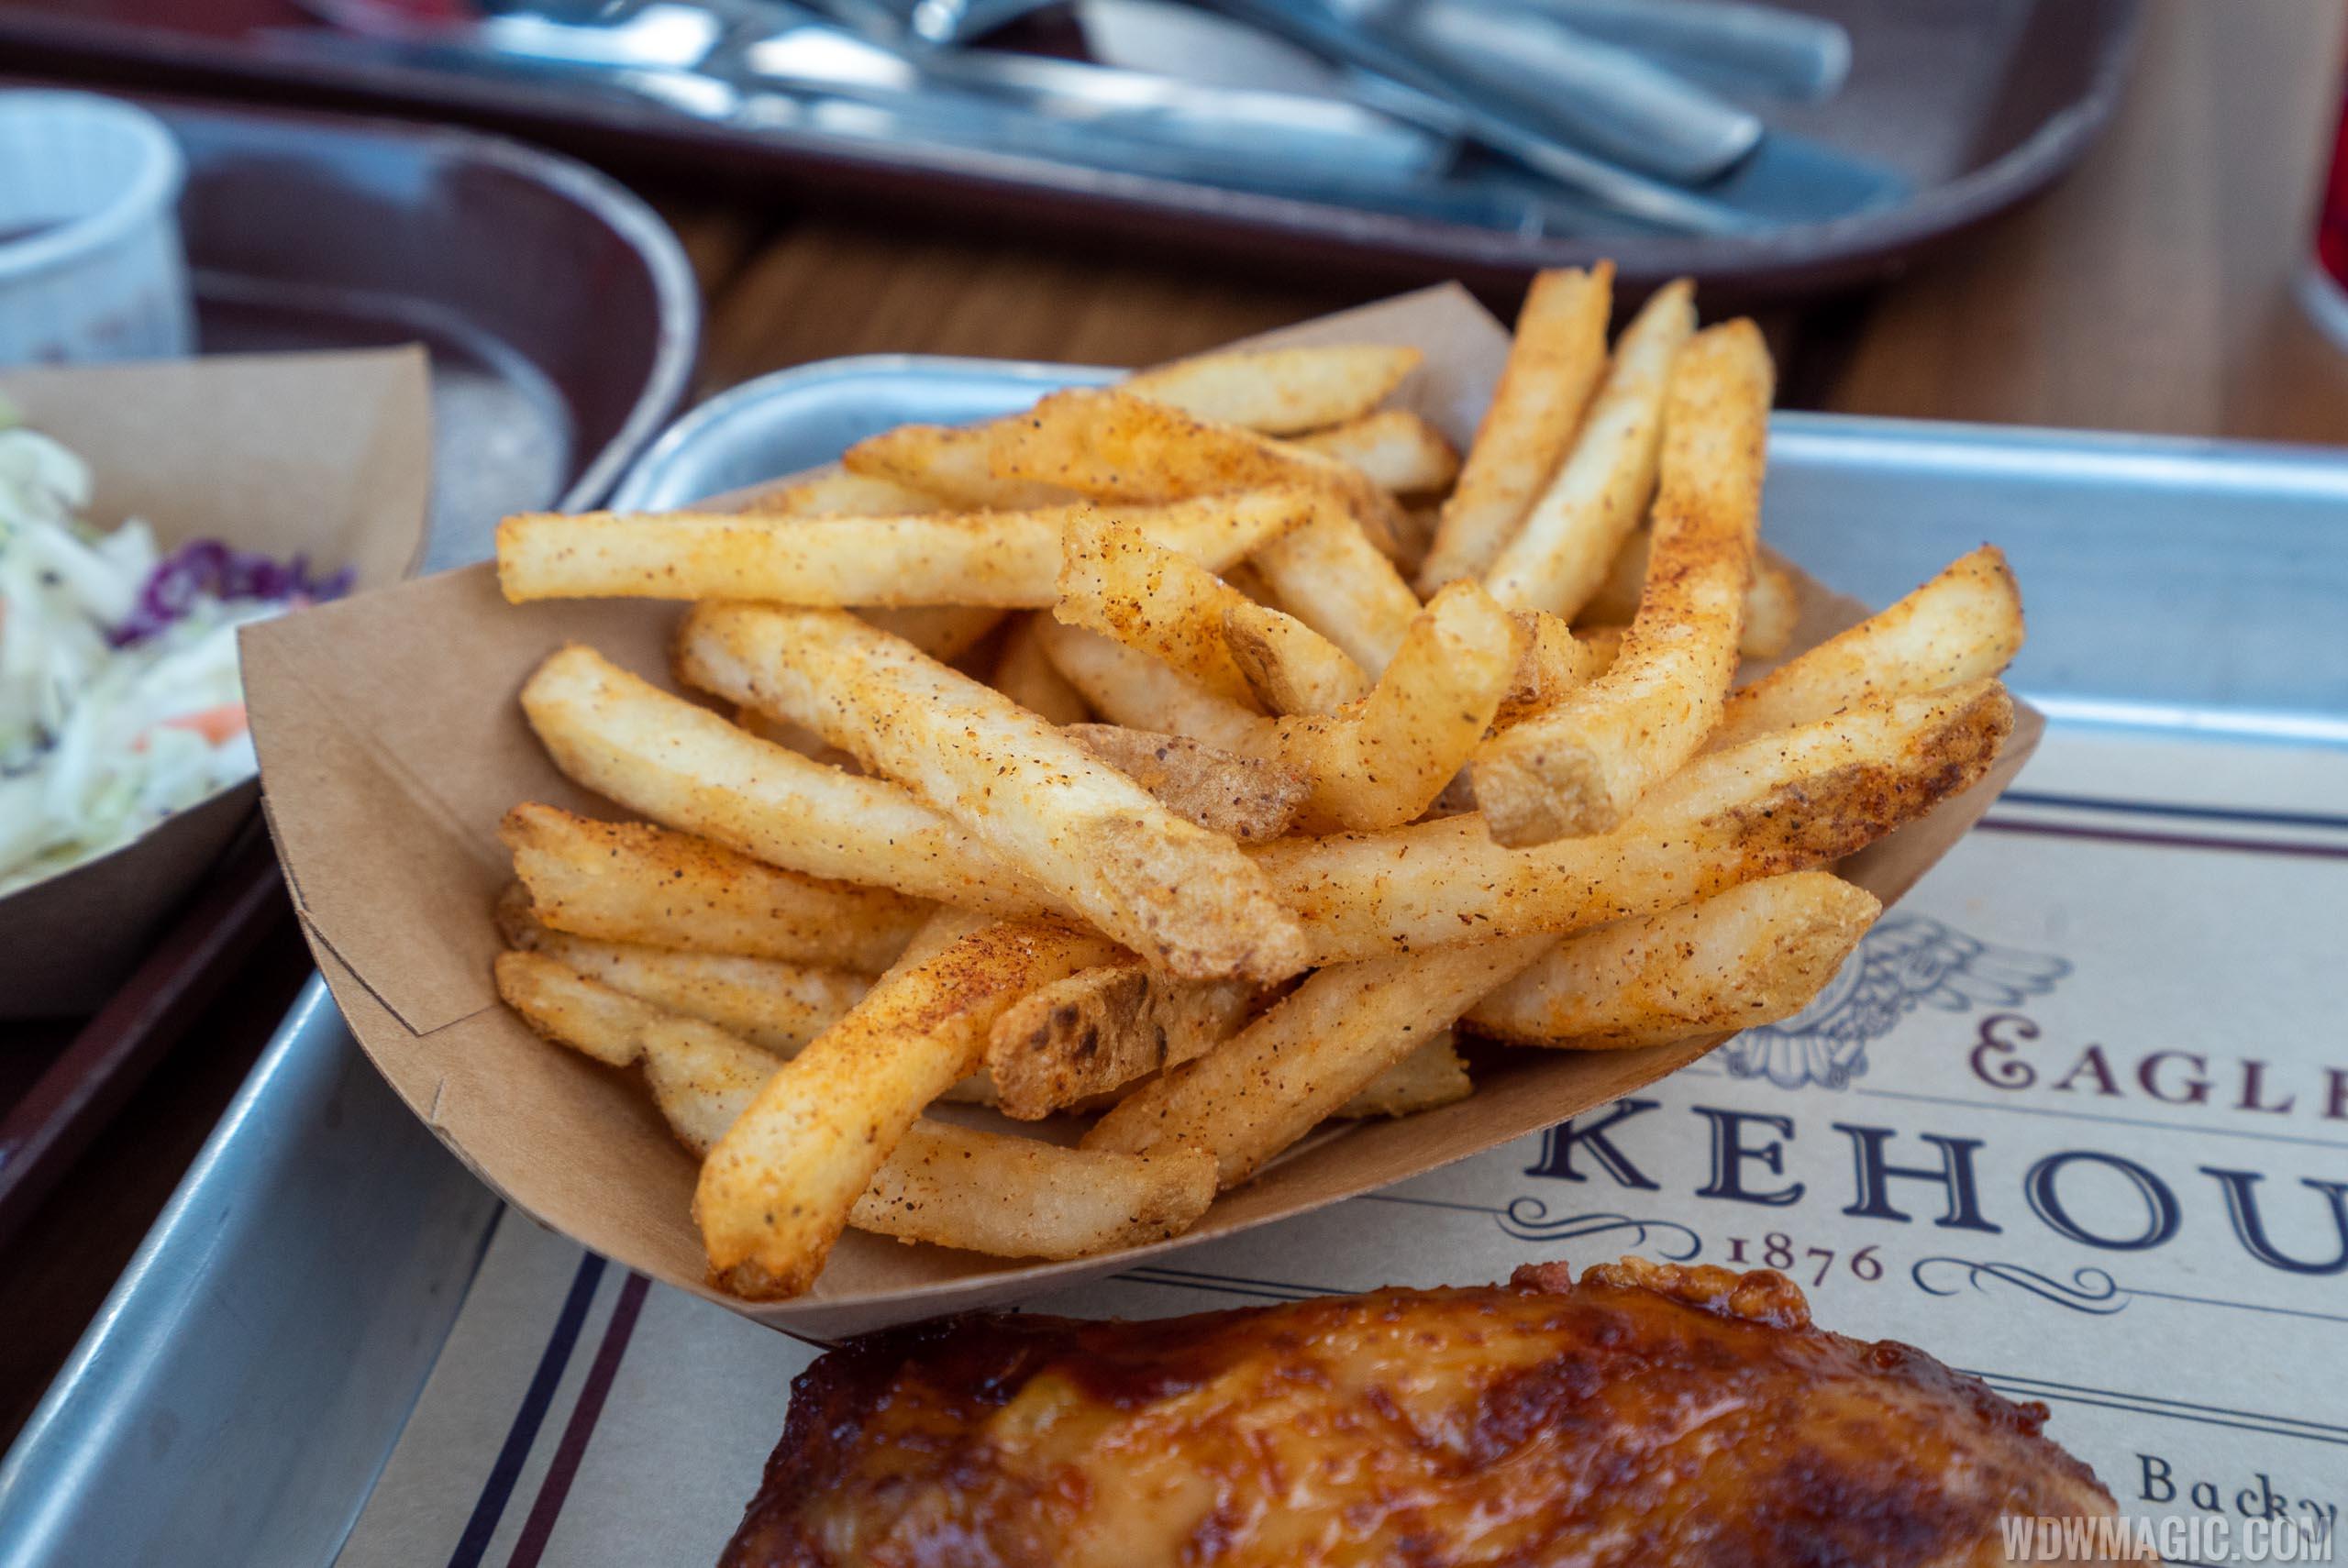 Regal Eagle Smokehouse - Seasoned Fries